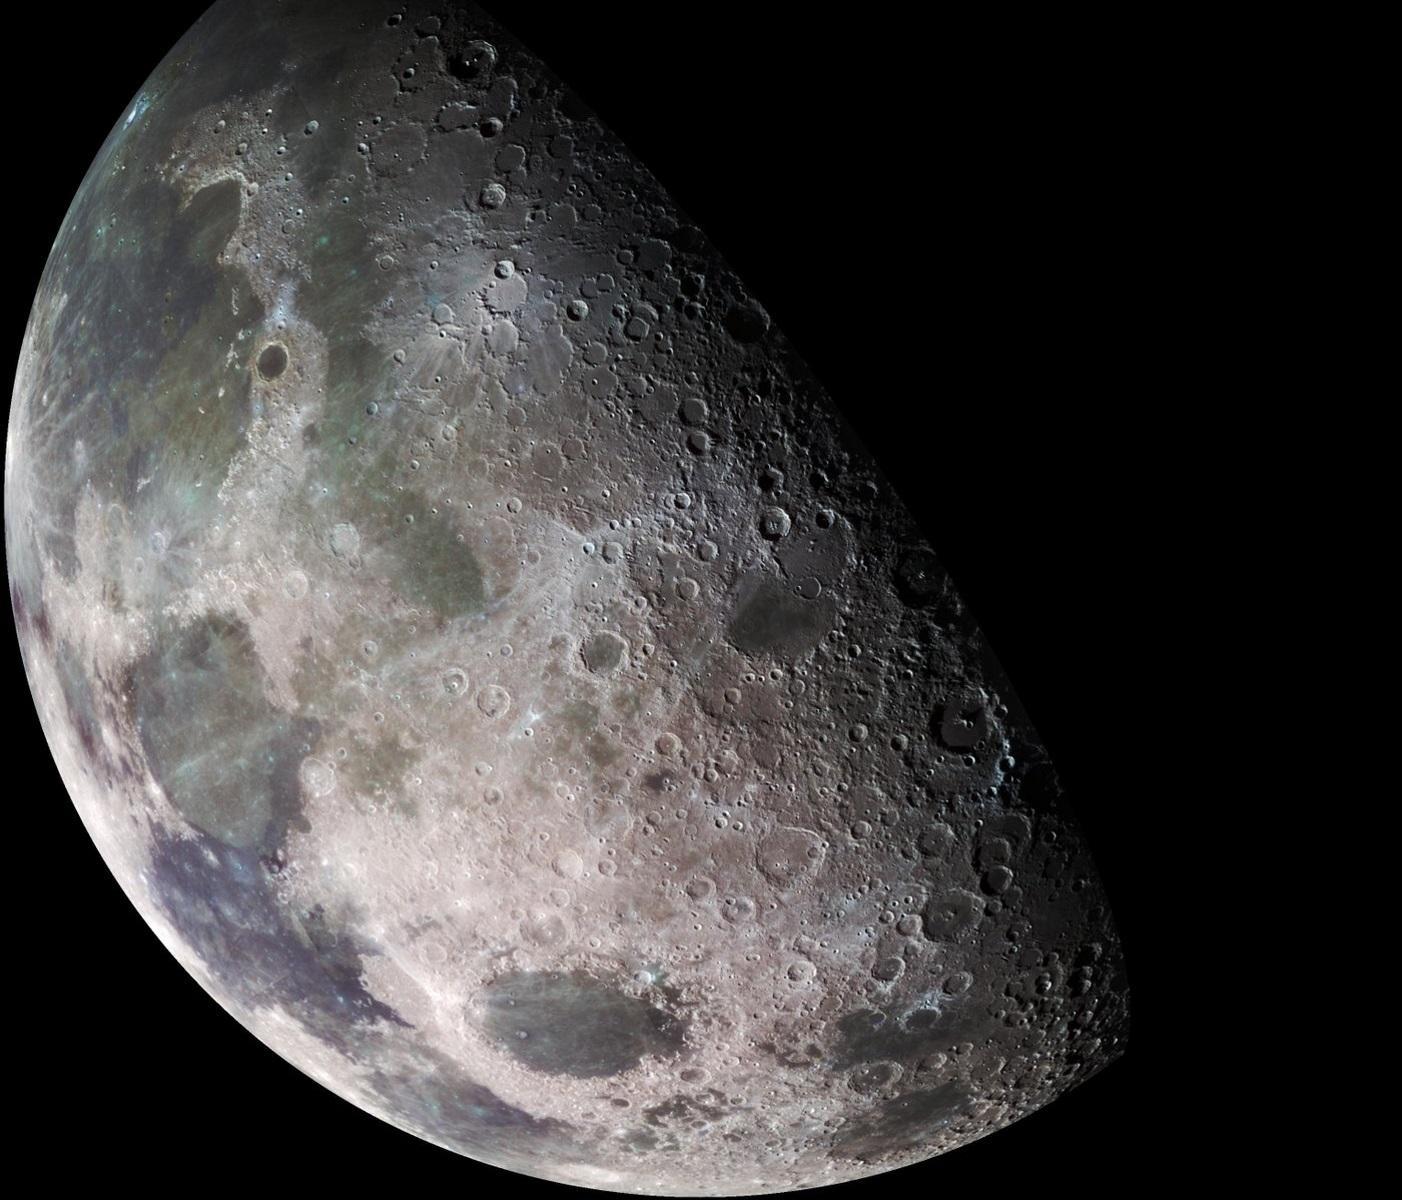 Σπουδαία επιστημονική ανακάλυψη – Ανιχνεύτηκε νερό στη Σελήνη